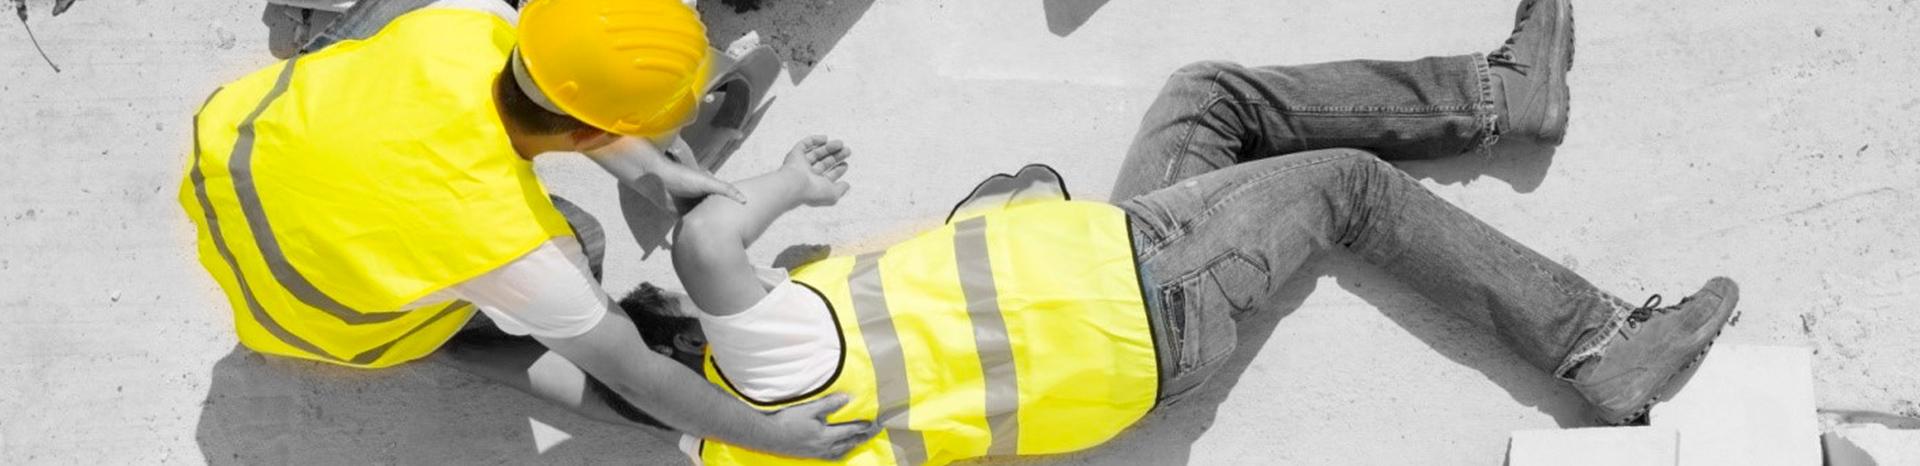 Letselschade bedrijfsongeval | Ongeval op het werk